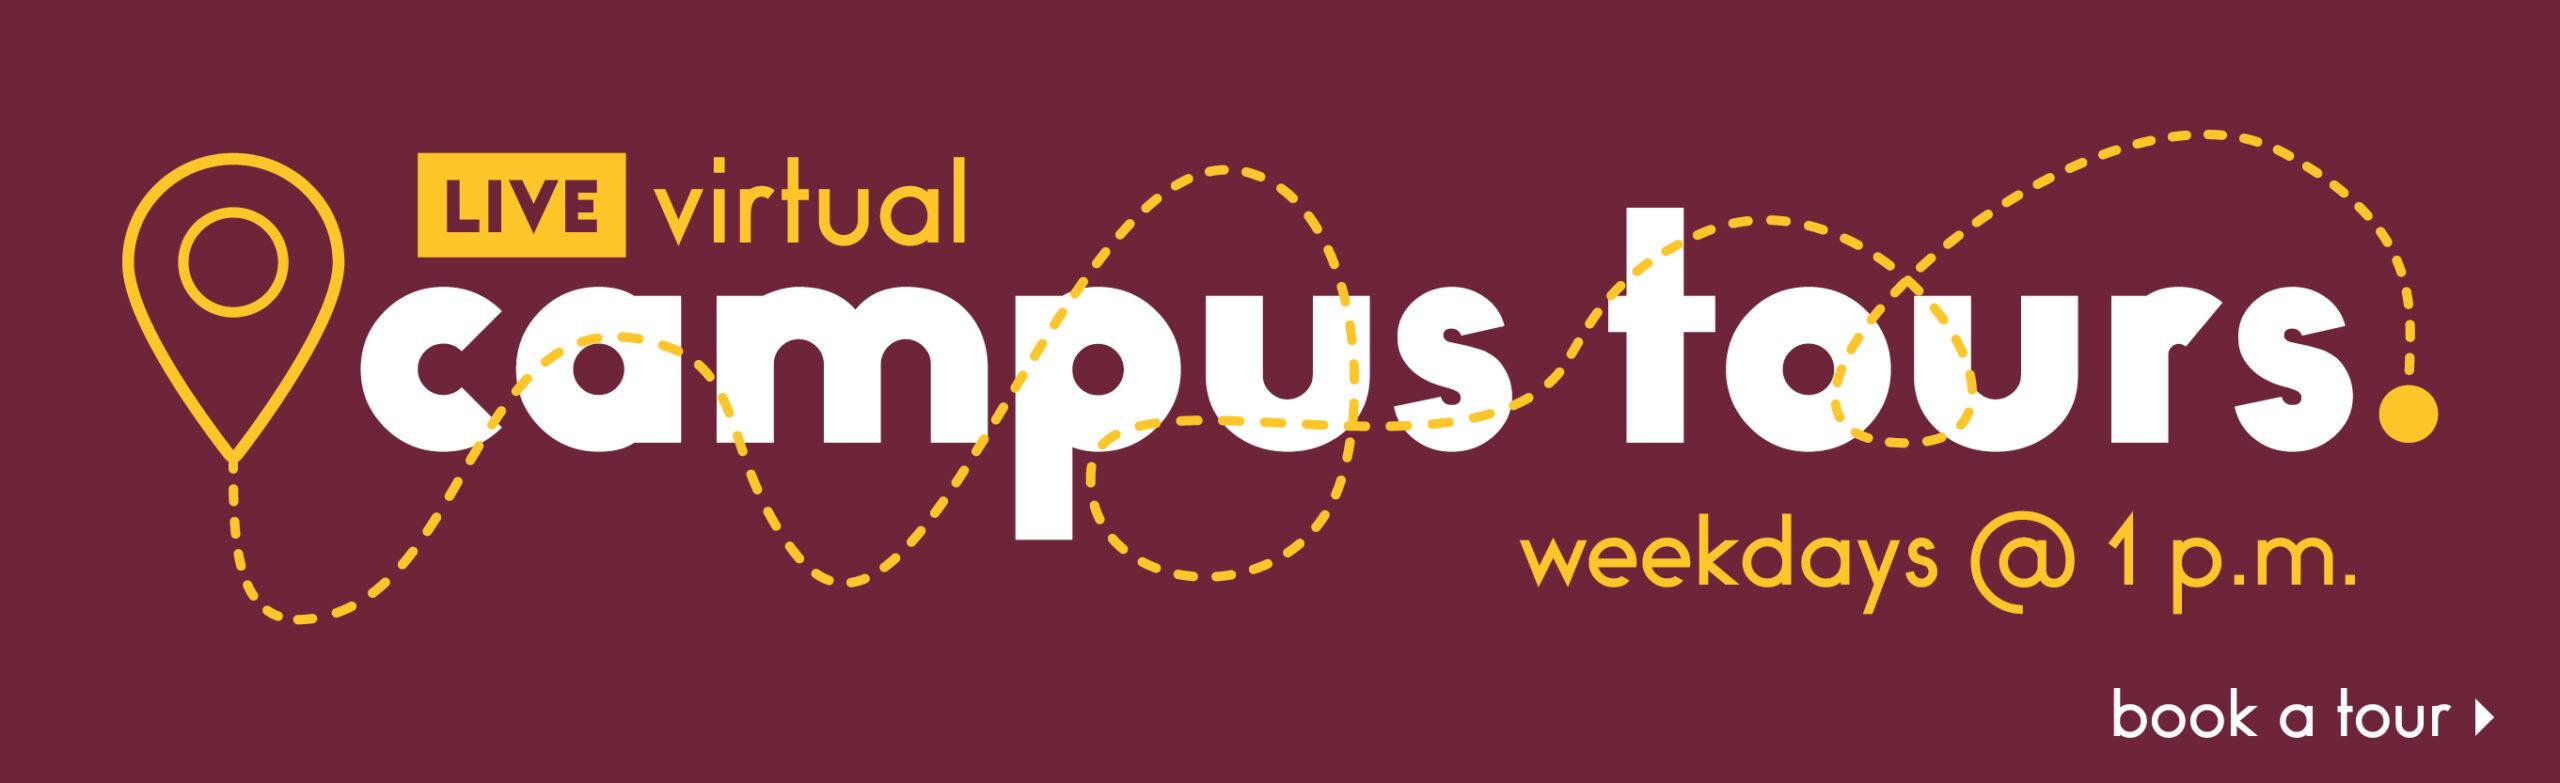 Live Campus Tours